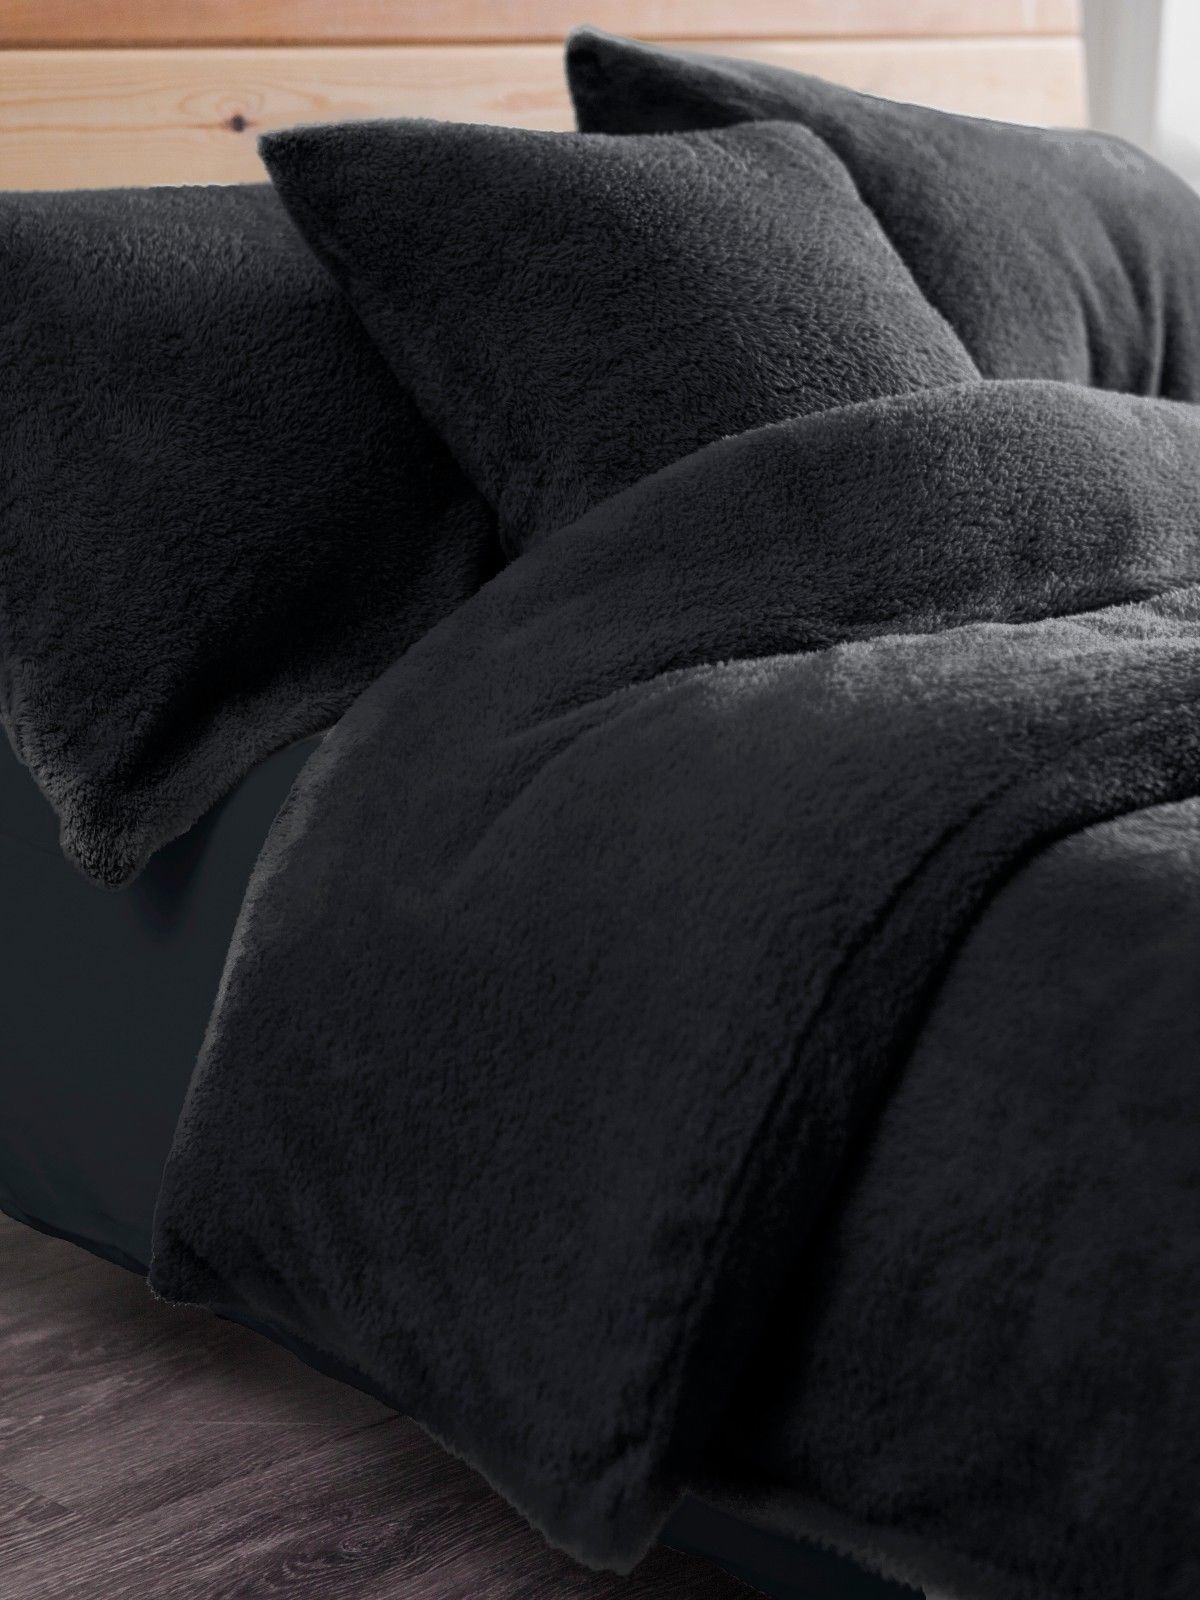 Fleece Duvet Cover Set With Pillowcases Teddy Fleece Warm